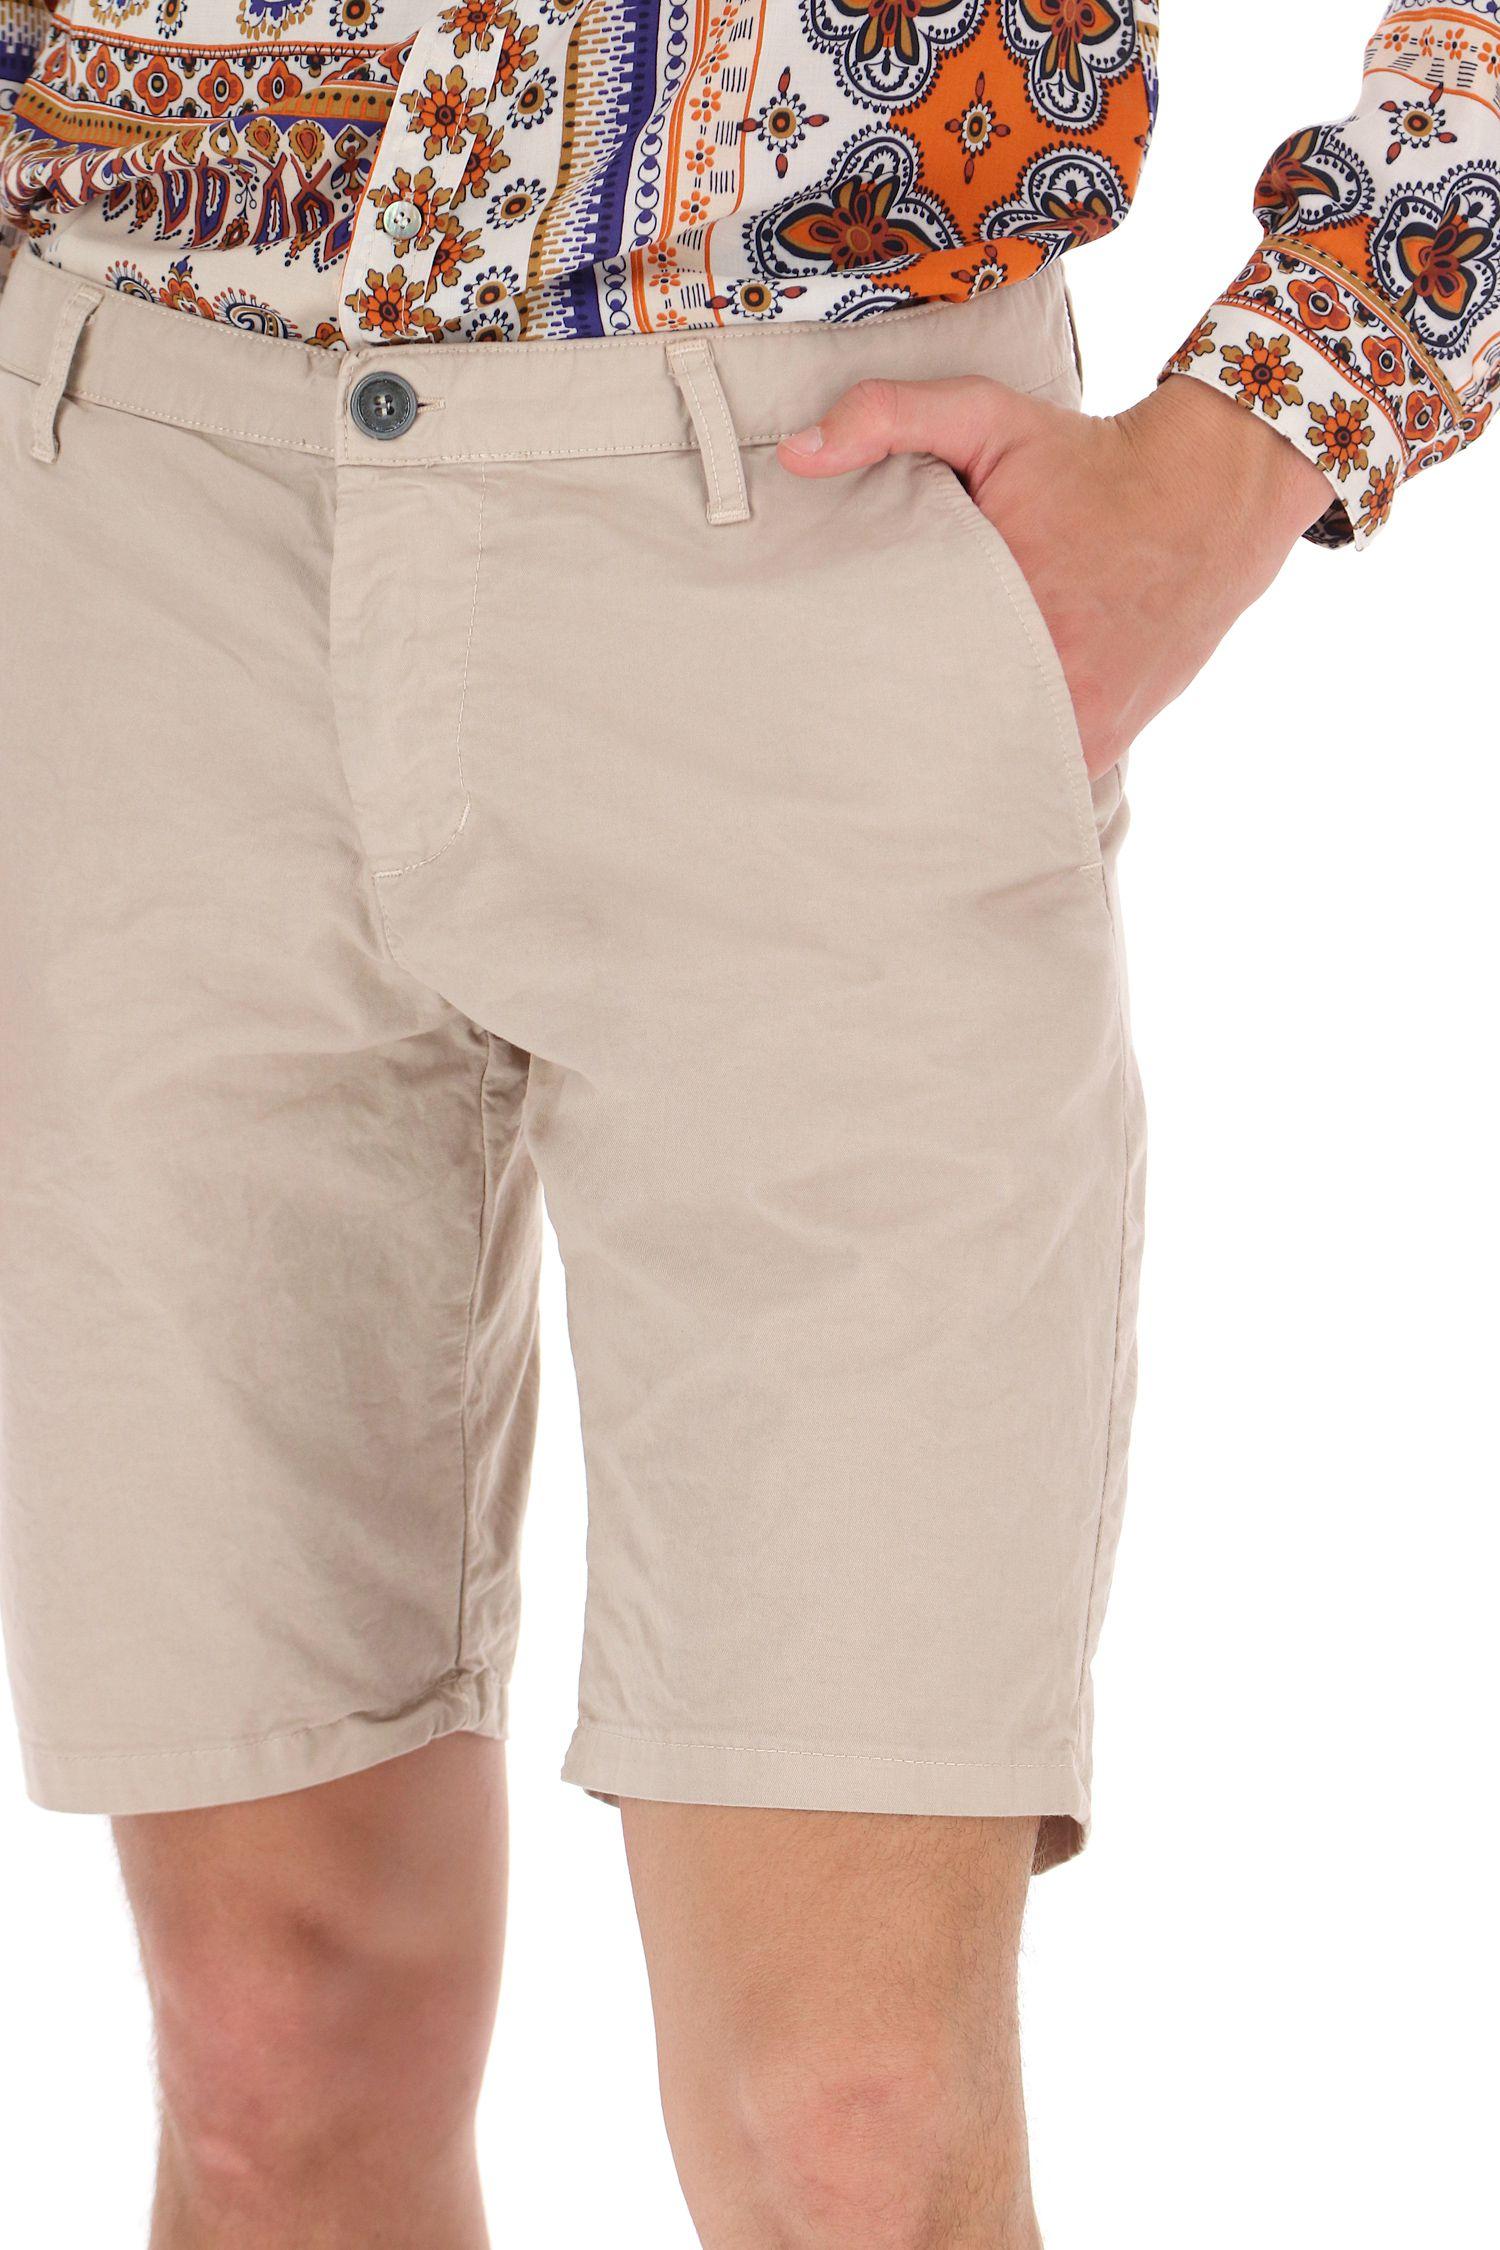 3fe1695f489917 Pantaloncini IMPERIAL Uomo - LA MATTA Abbigliamento | Shop Online